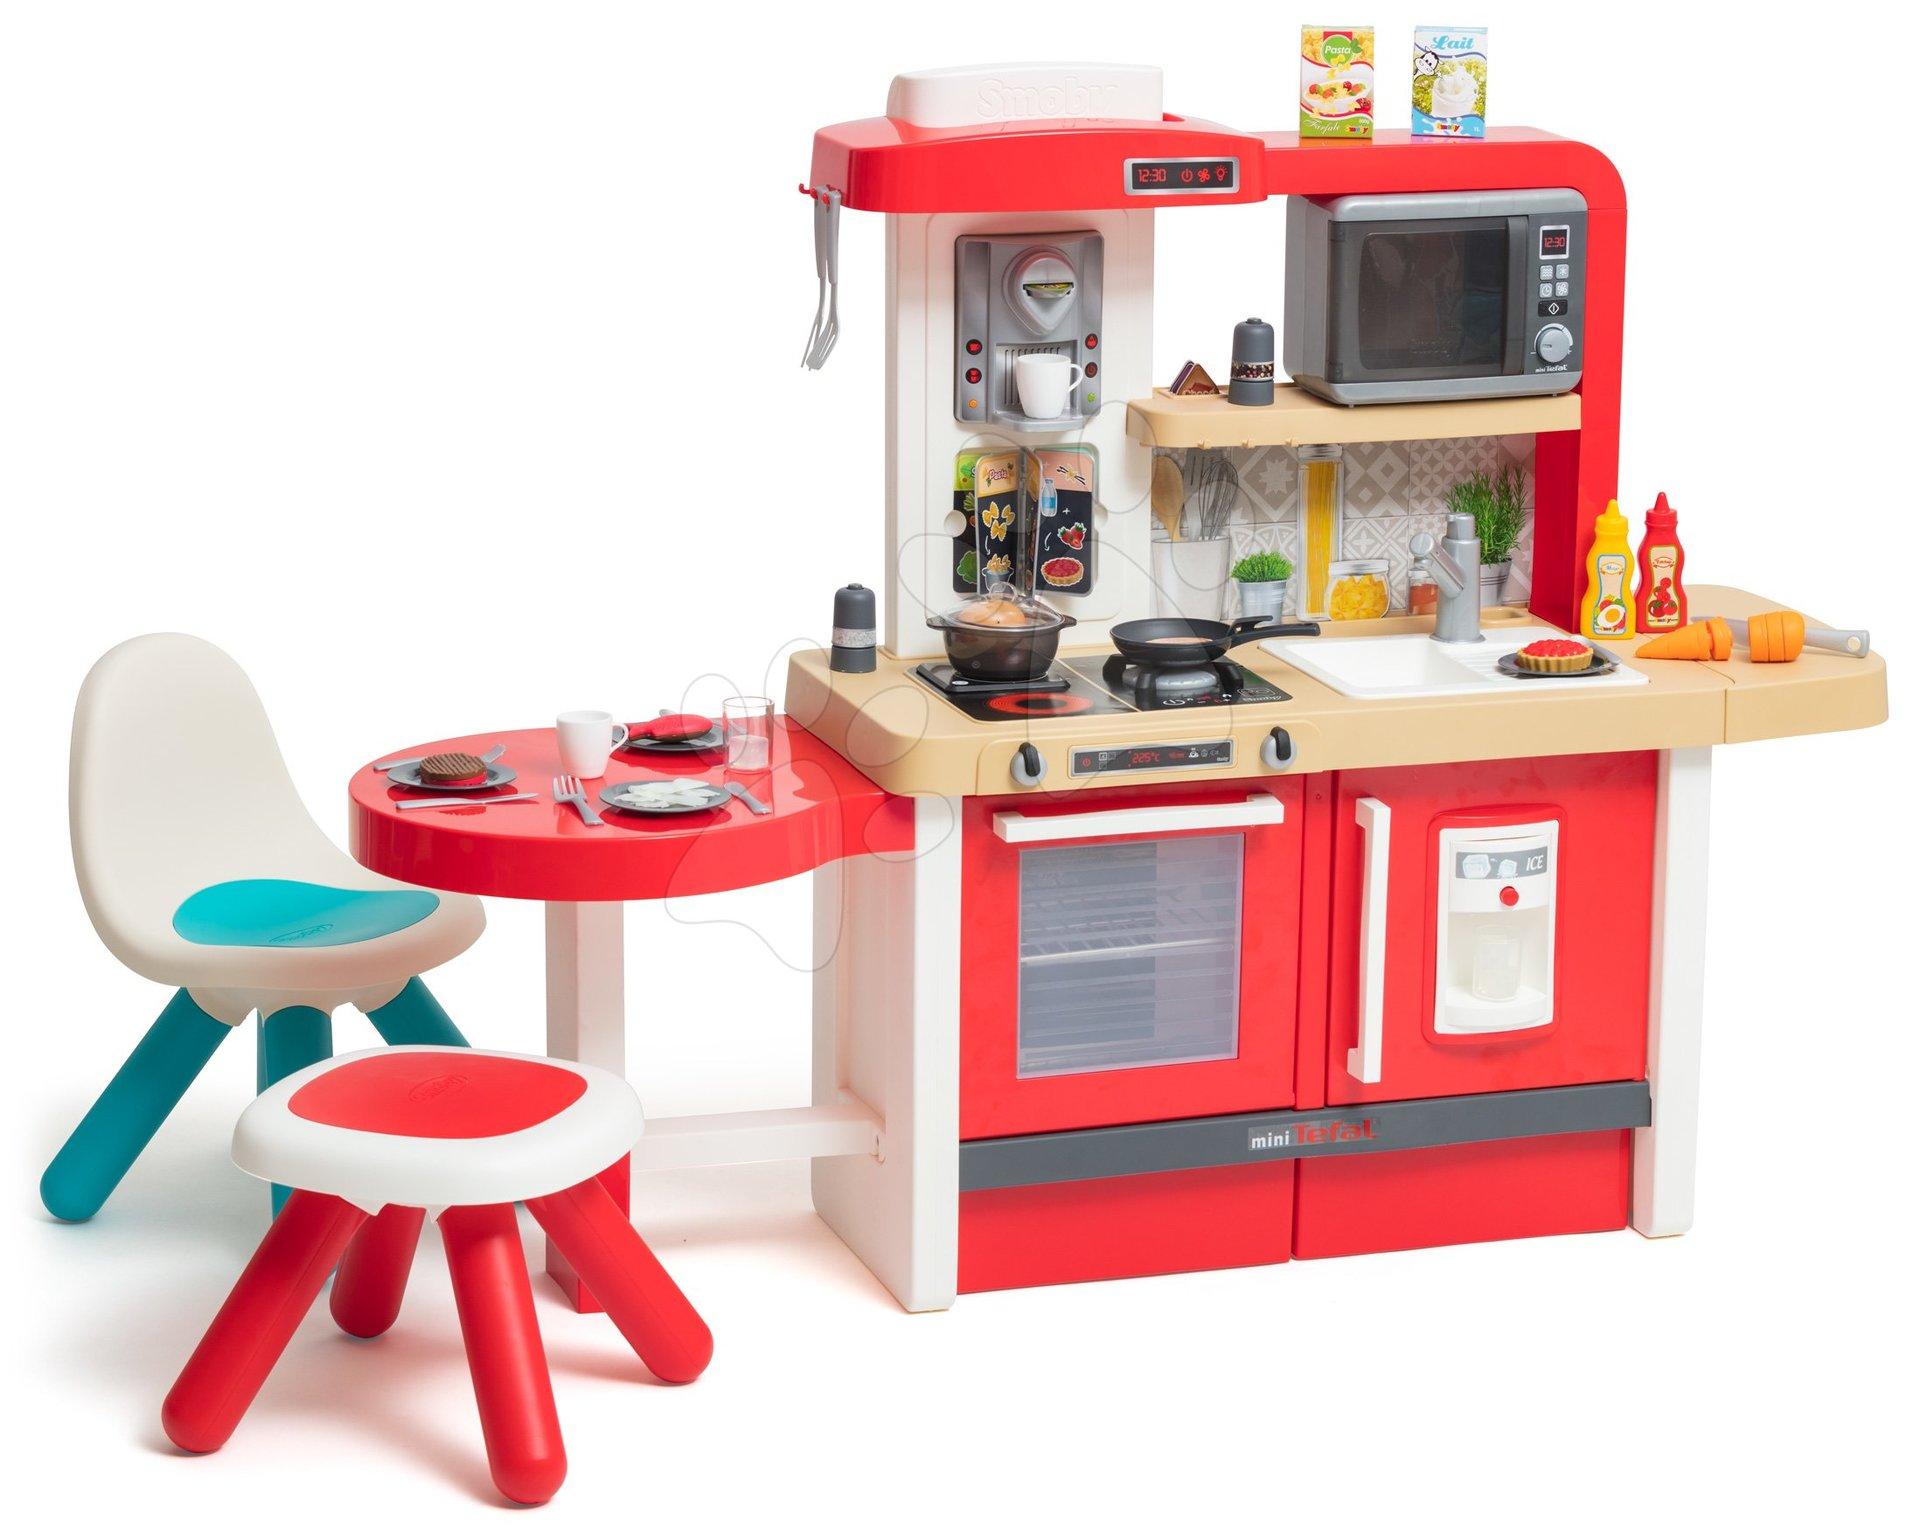 Kuchynka rastúca s tečúcou vodou a mikrovlnkou Tefal Evolutive Gourment Smoby so stoličkou a stolčekom